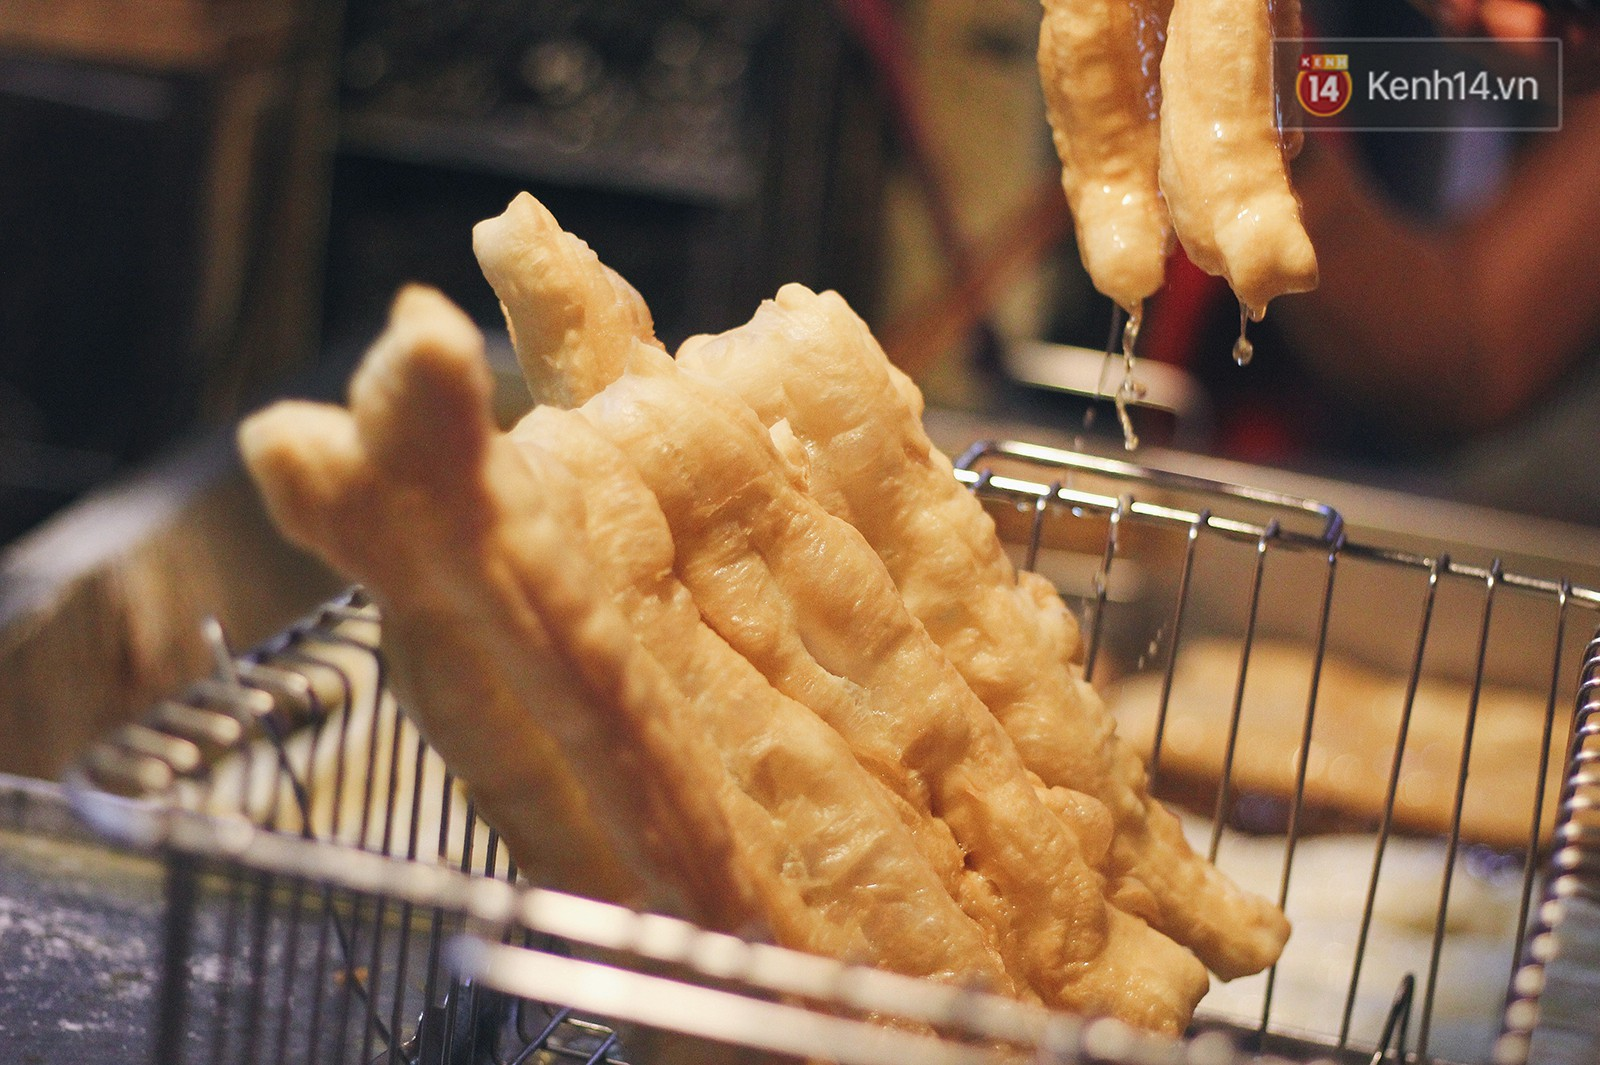 Món ăn sáng xuất hiện liên tục trong bộ phim Gửi thời thanh xuân ấm áp hoá ra cũng rất quen thuộc ở Việt Nam - Ảnh 4.